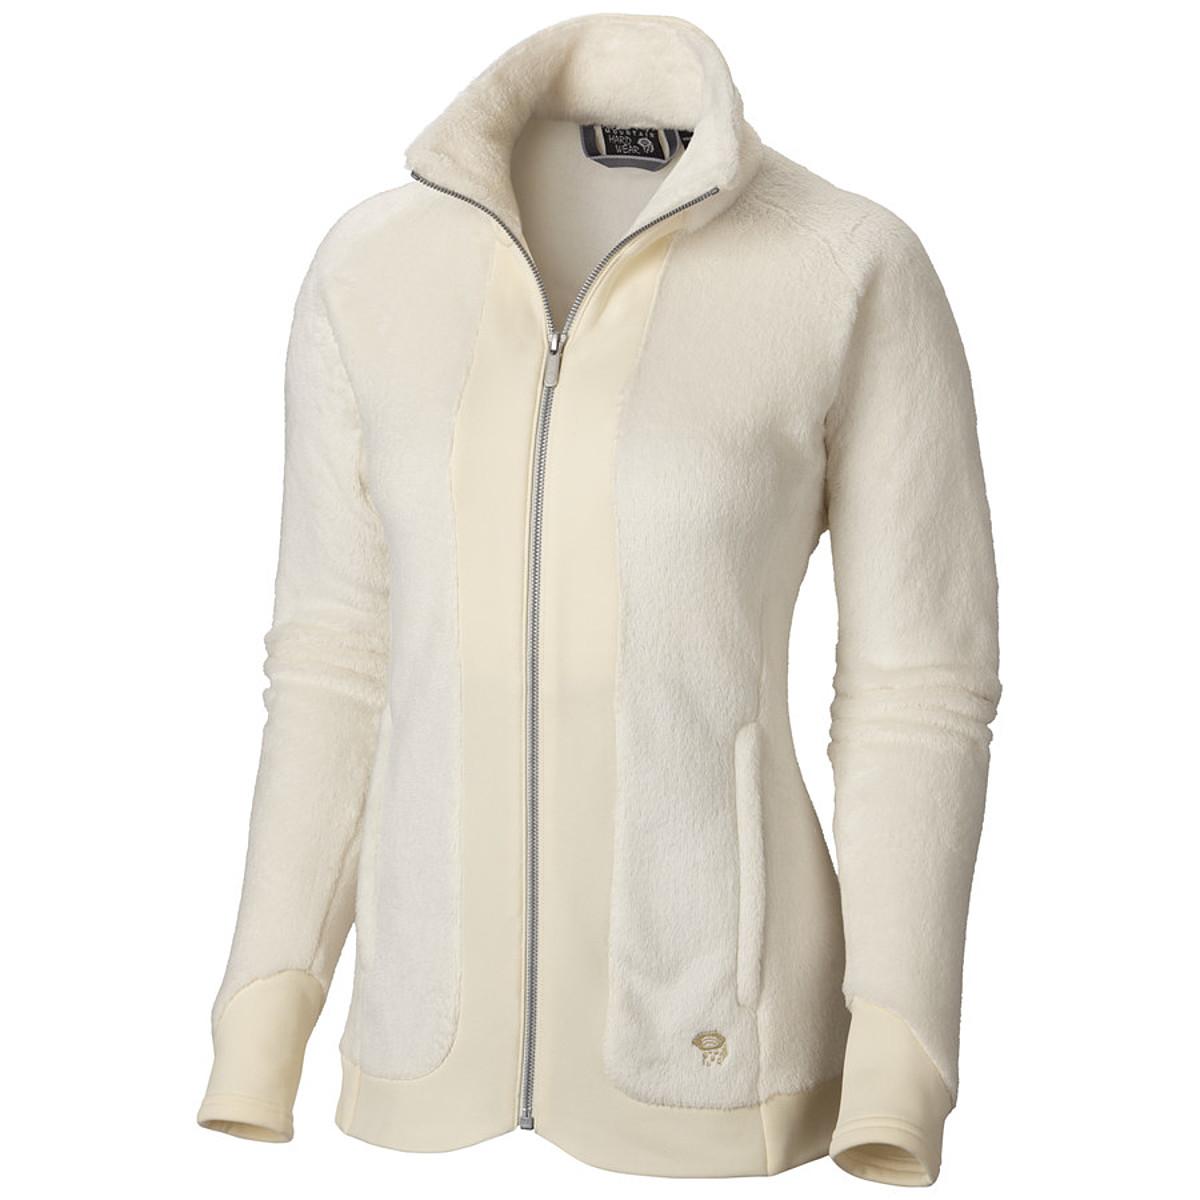 Mountain Hardwear Monkista Jacket